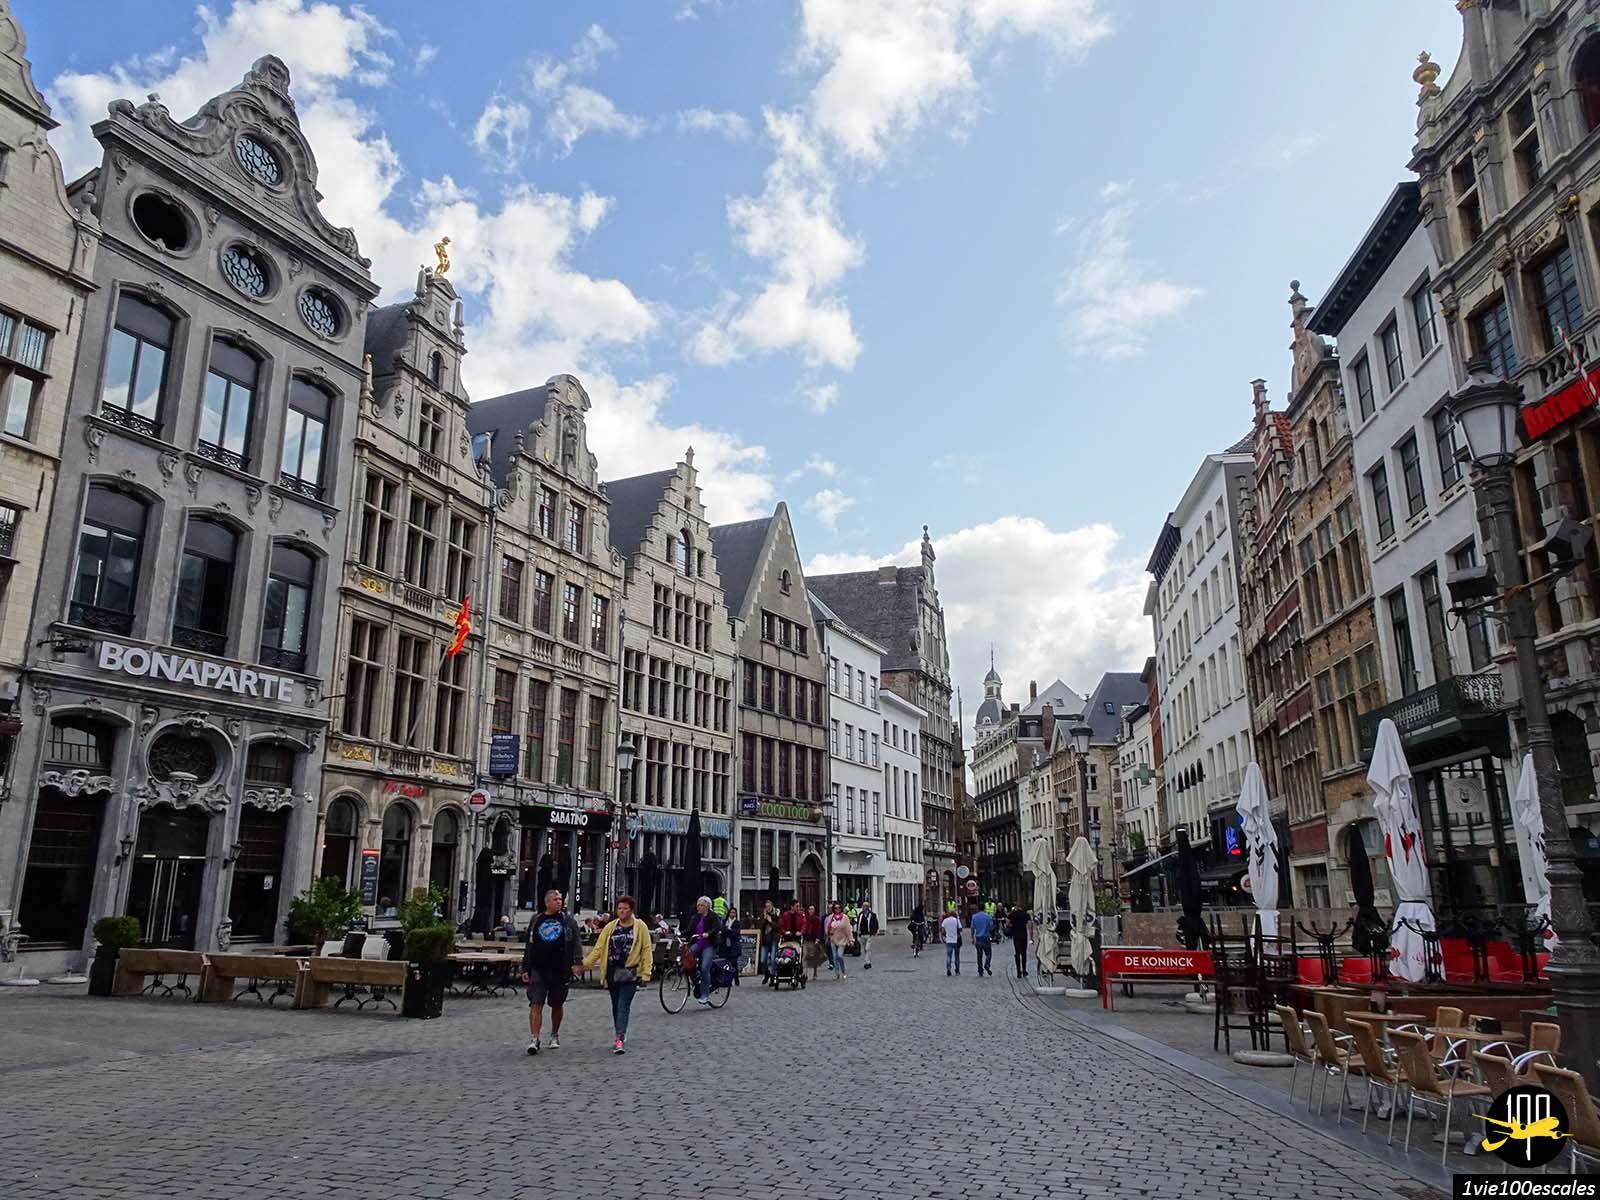 La beauté d'Anvers avec ses immeubles et ses toits